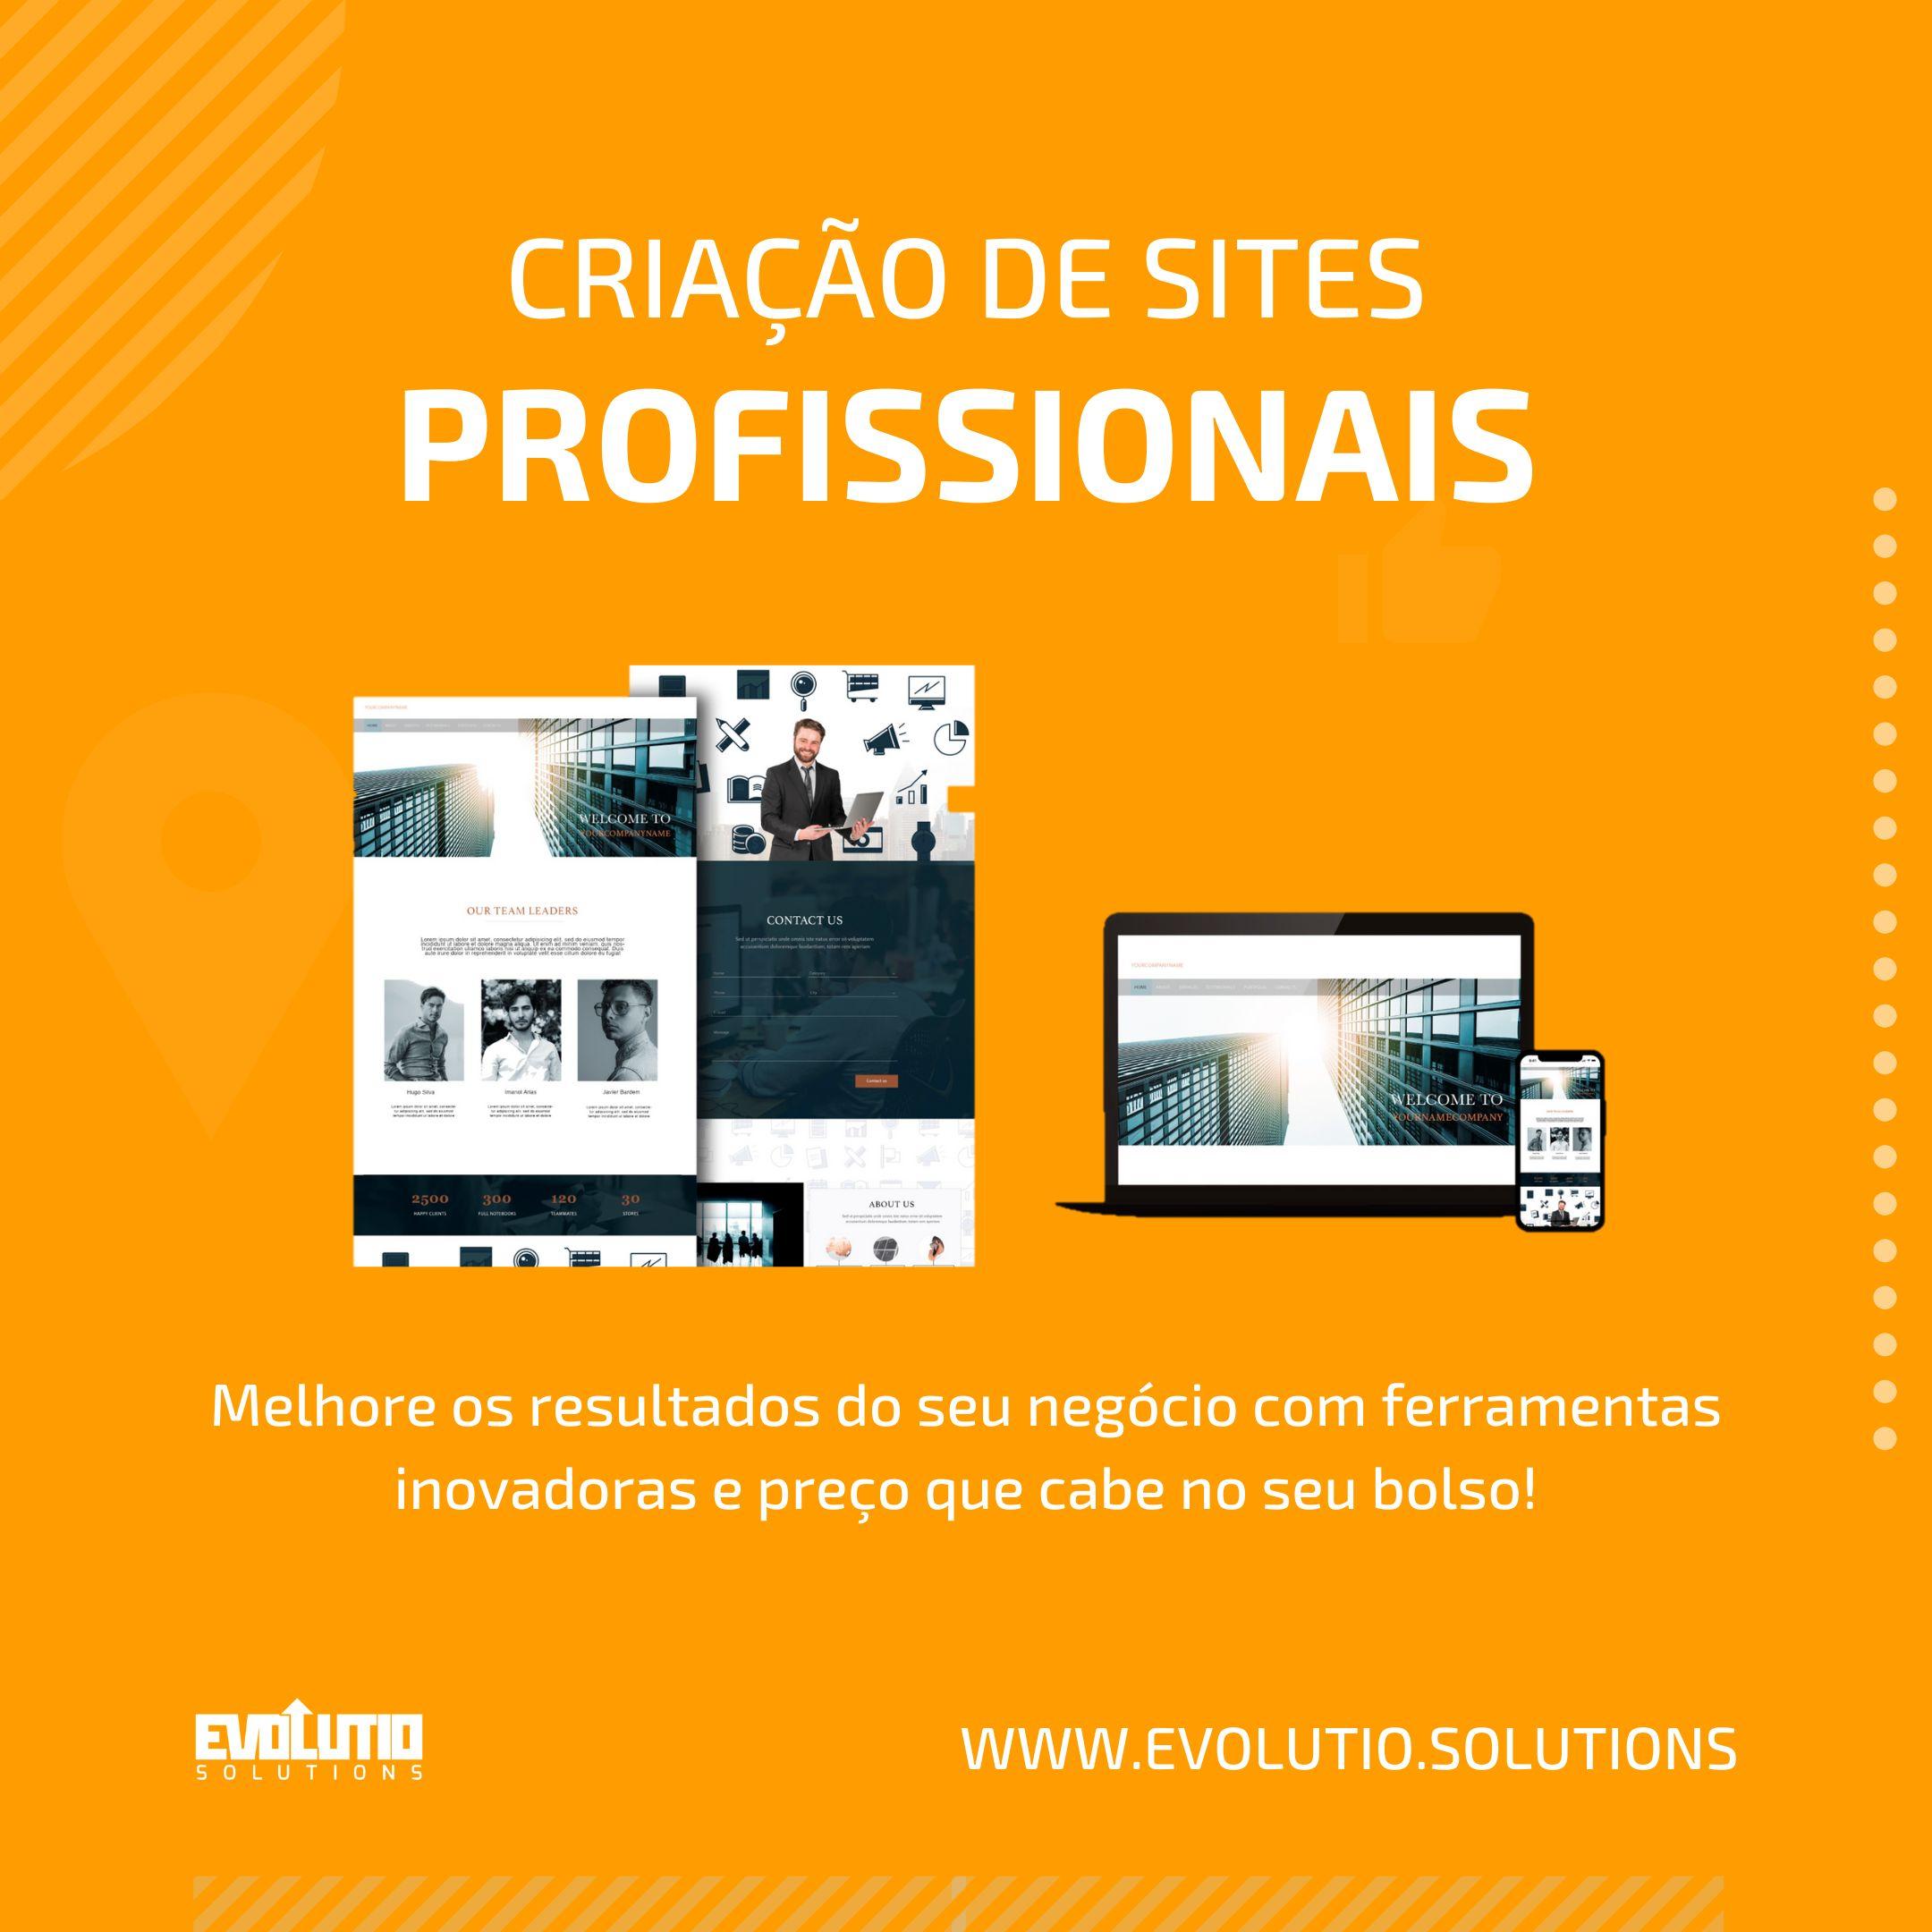 Sites profissionais a par